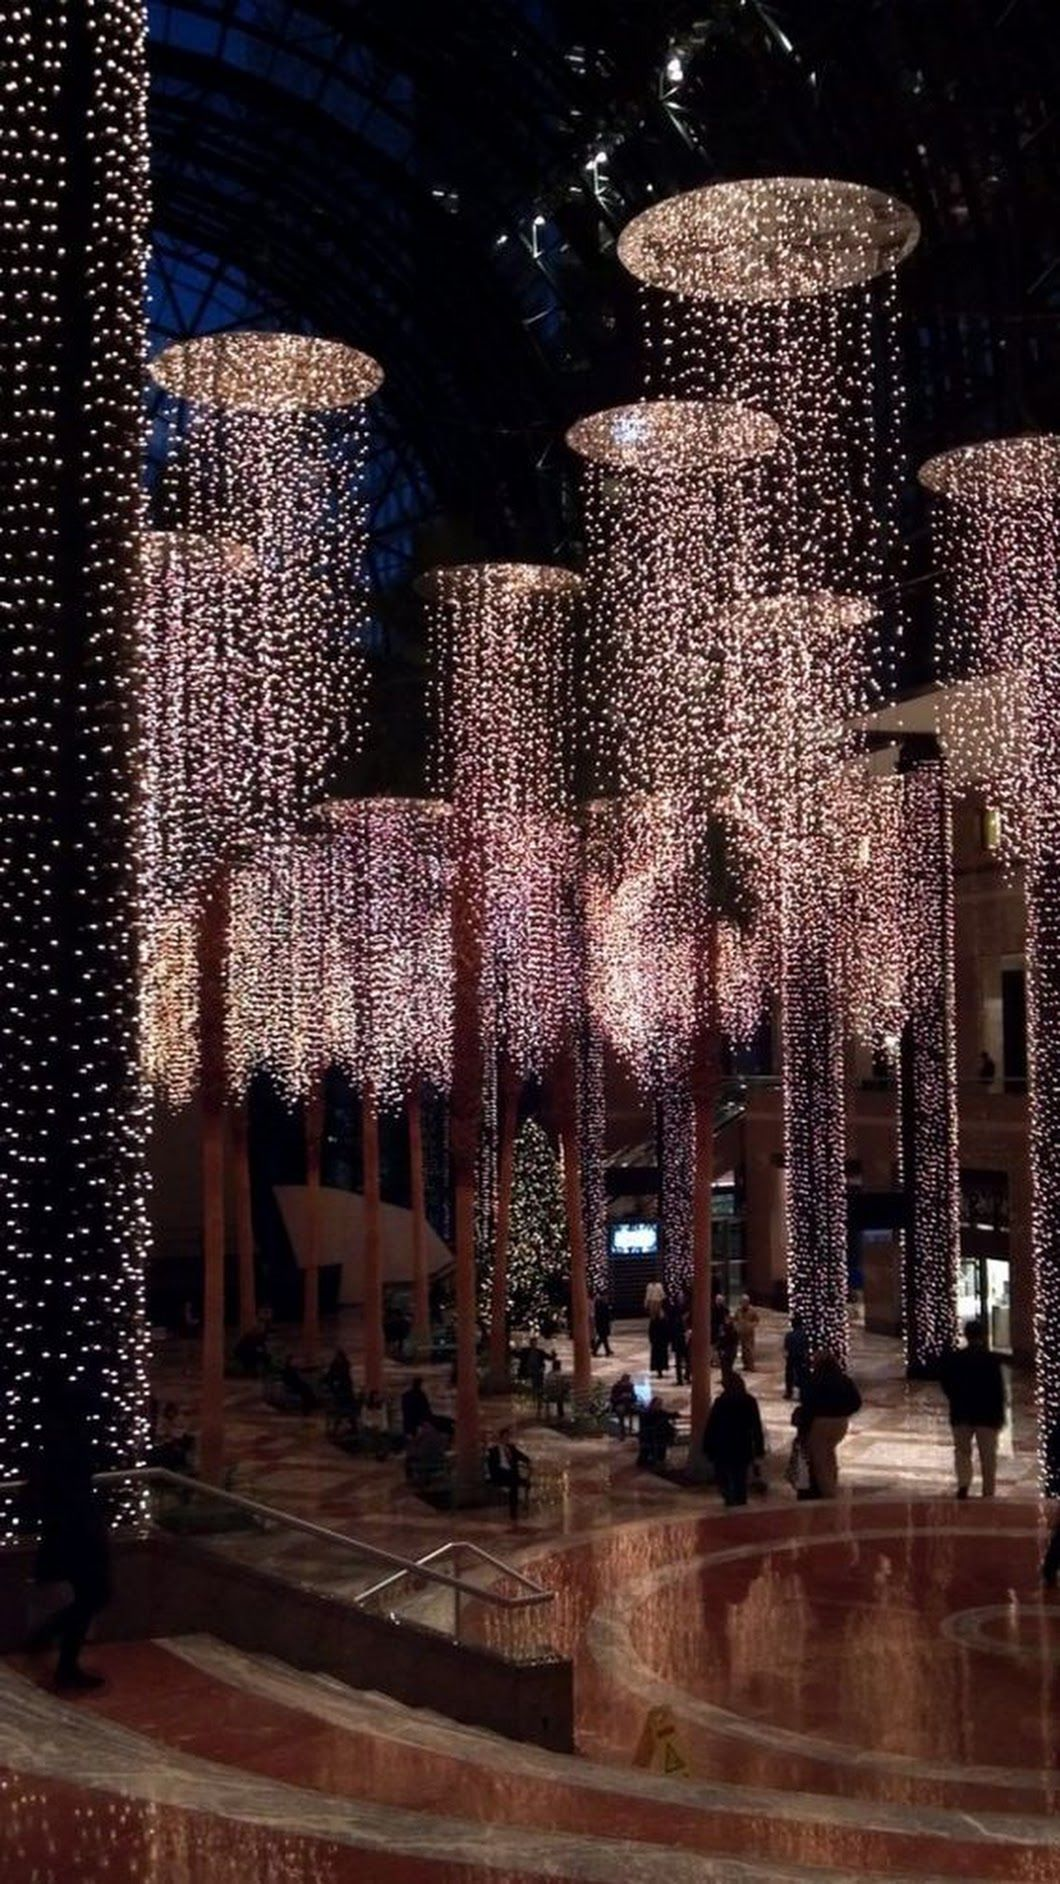 Nyc During Christmas.New York City During Christmas Source Nyc Christmas